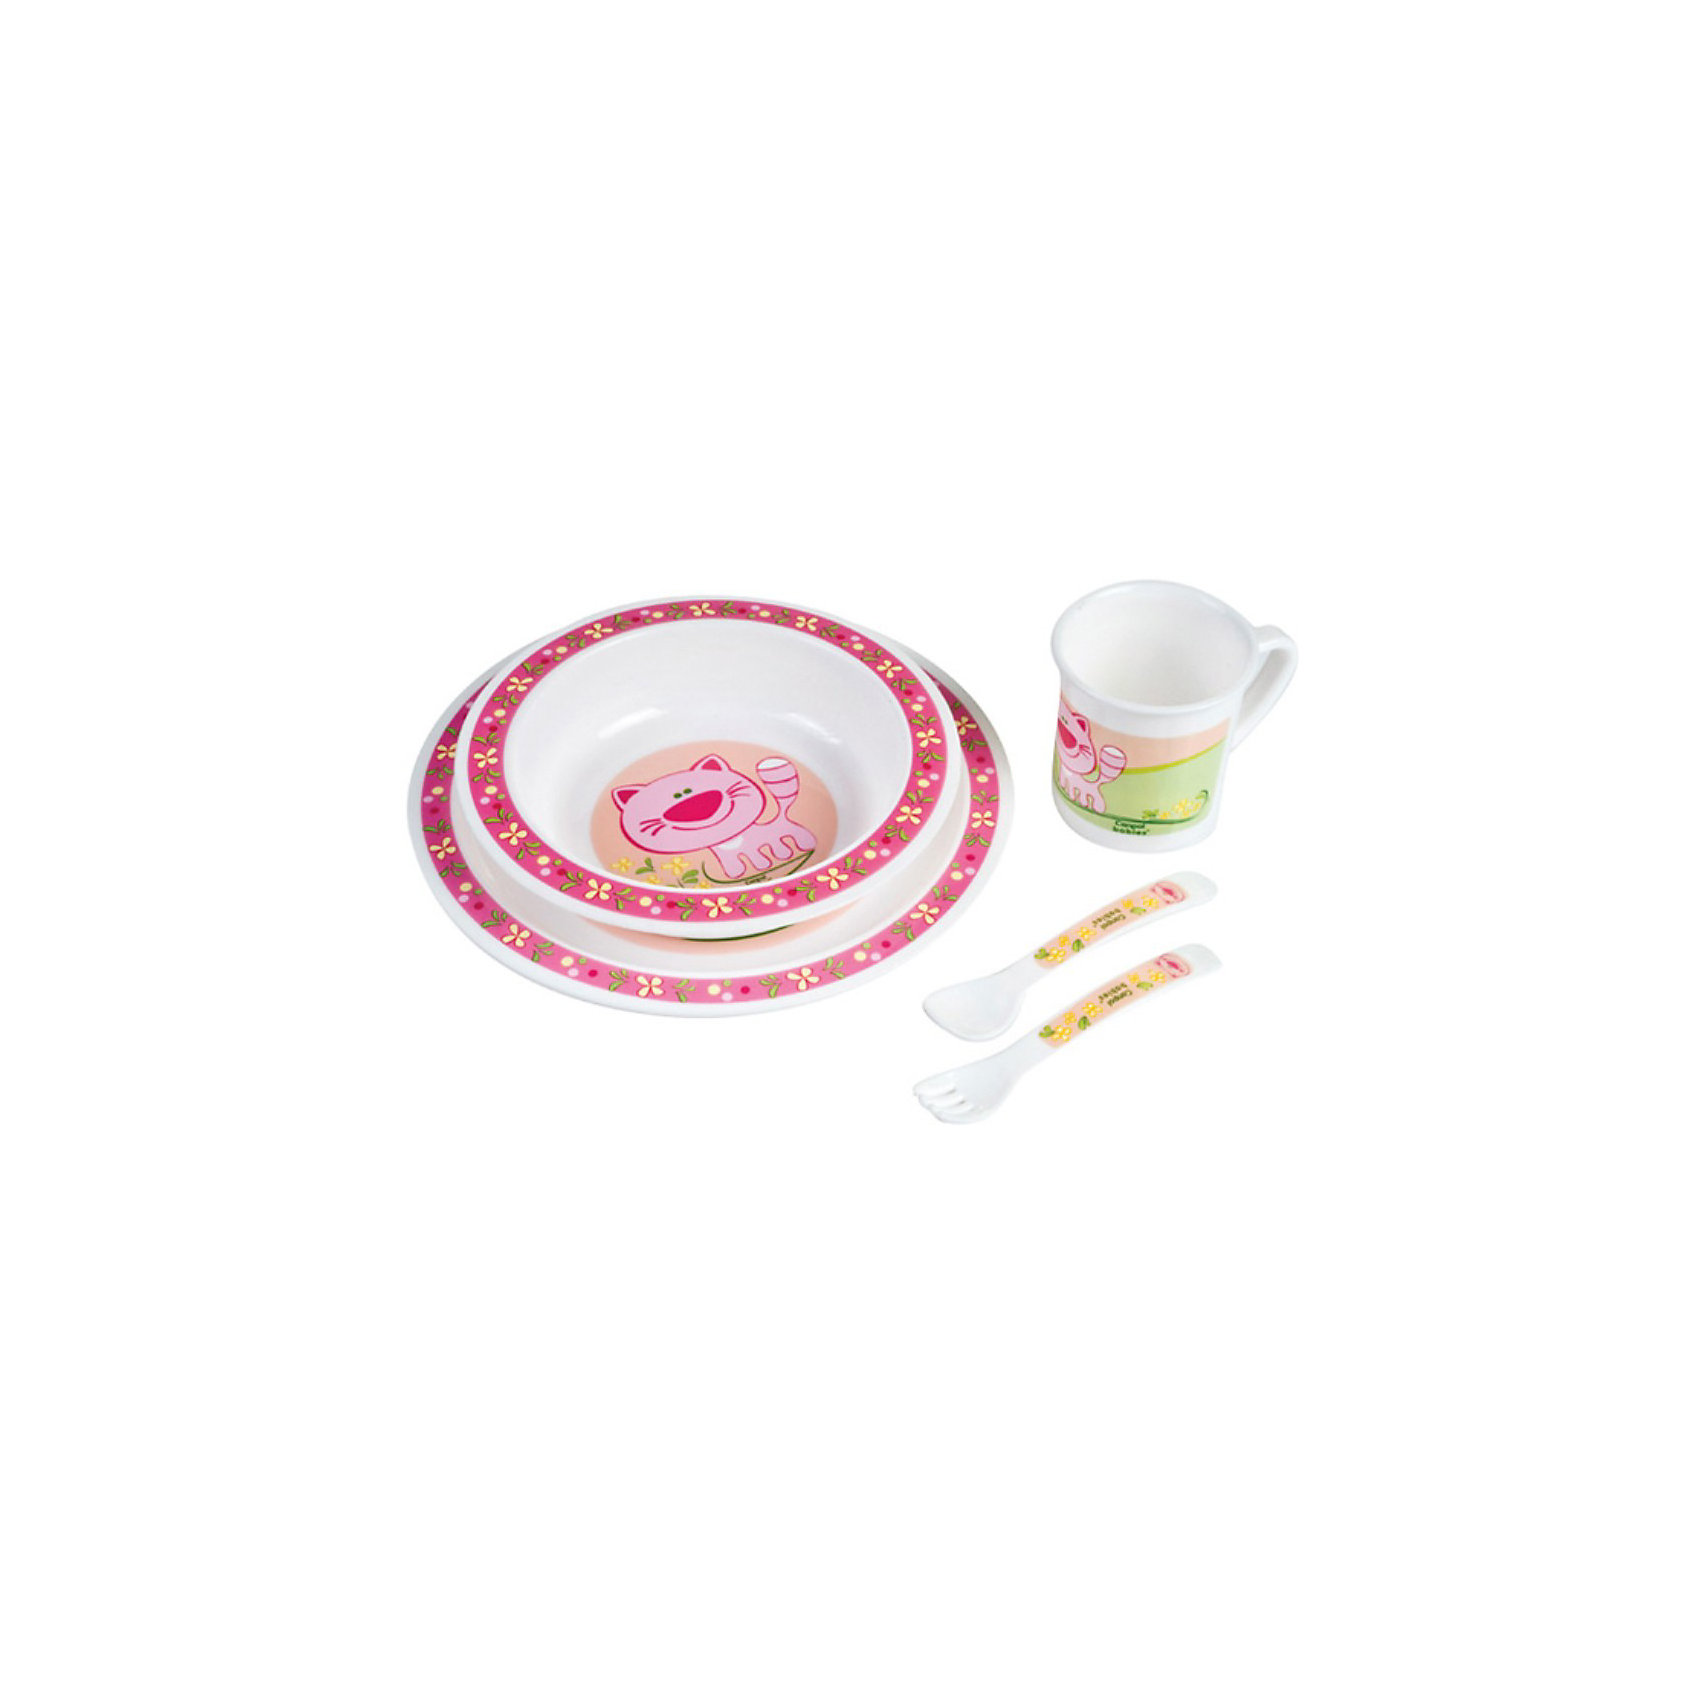 Набор посуды, Canpol, розовыйНабор посуды, Canpol Babies замечательно подходит для малышей, которые начинают есть самостоятельно. Посуду можно использовать как дома, так и для пикников и обедов на открытом воздухе. В состав набора входят миска, тарелка, чашка, ложка и вилка. Все предметы имеют безопасные закругленные края и украшены забавными изображениями зверушек.<br>Эта практичная посуда подходит для СВЧ-печи, ее можно мыть в посудомоечной машине.<br>Дополнительная информация:<br>- в комплекте: миска, тарелка, чашка, ложка и вилка;<br>- материал: пластик;<br>- объем миски: 270 мл.;<br>- объем чашки: 170 мл.;<br>- размер упаковки: 22 х 22 х 7,5 см.;<br>- вес: 0,3 кг.<br>Набор посуды Canpol Babies можно купить в нашем интернет-магазине.<br><br>Ширина мм: 220<br>Глубина мм: 220<br>Высота мм: 75<br>Вес г: 234<br>Возраст от месяцев: 9<br>Возраст до месяцев: 36<br>Пол: Женский<br>Возраст: Детский<br>SKU: 3837145